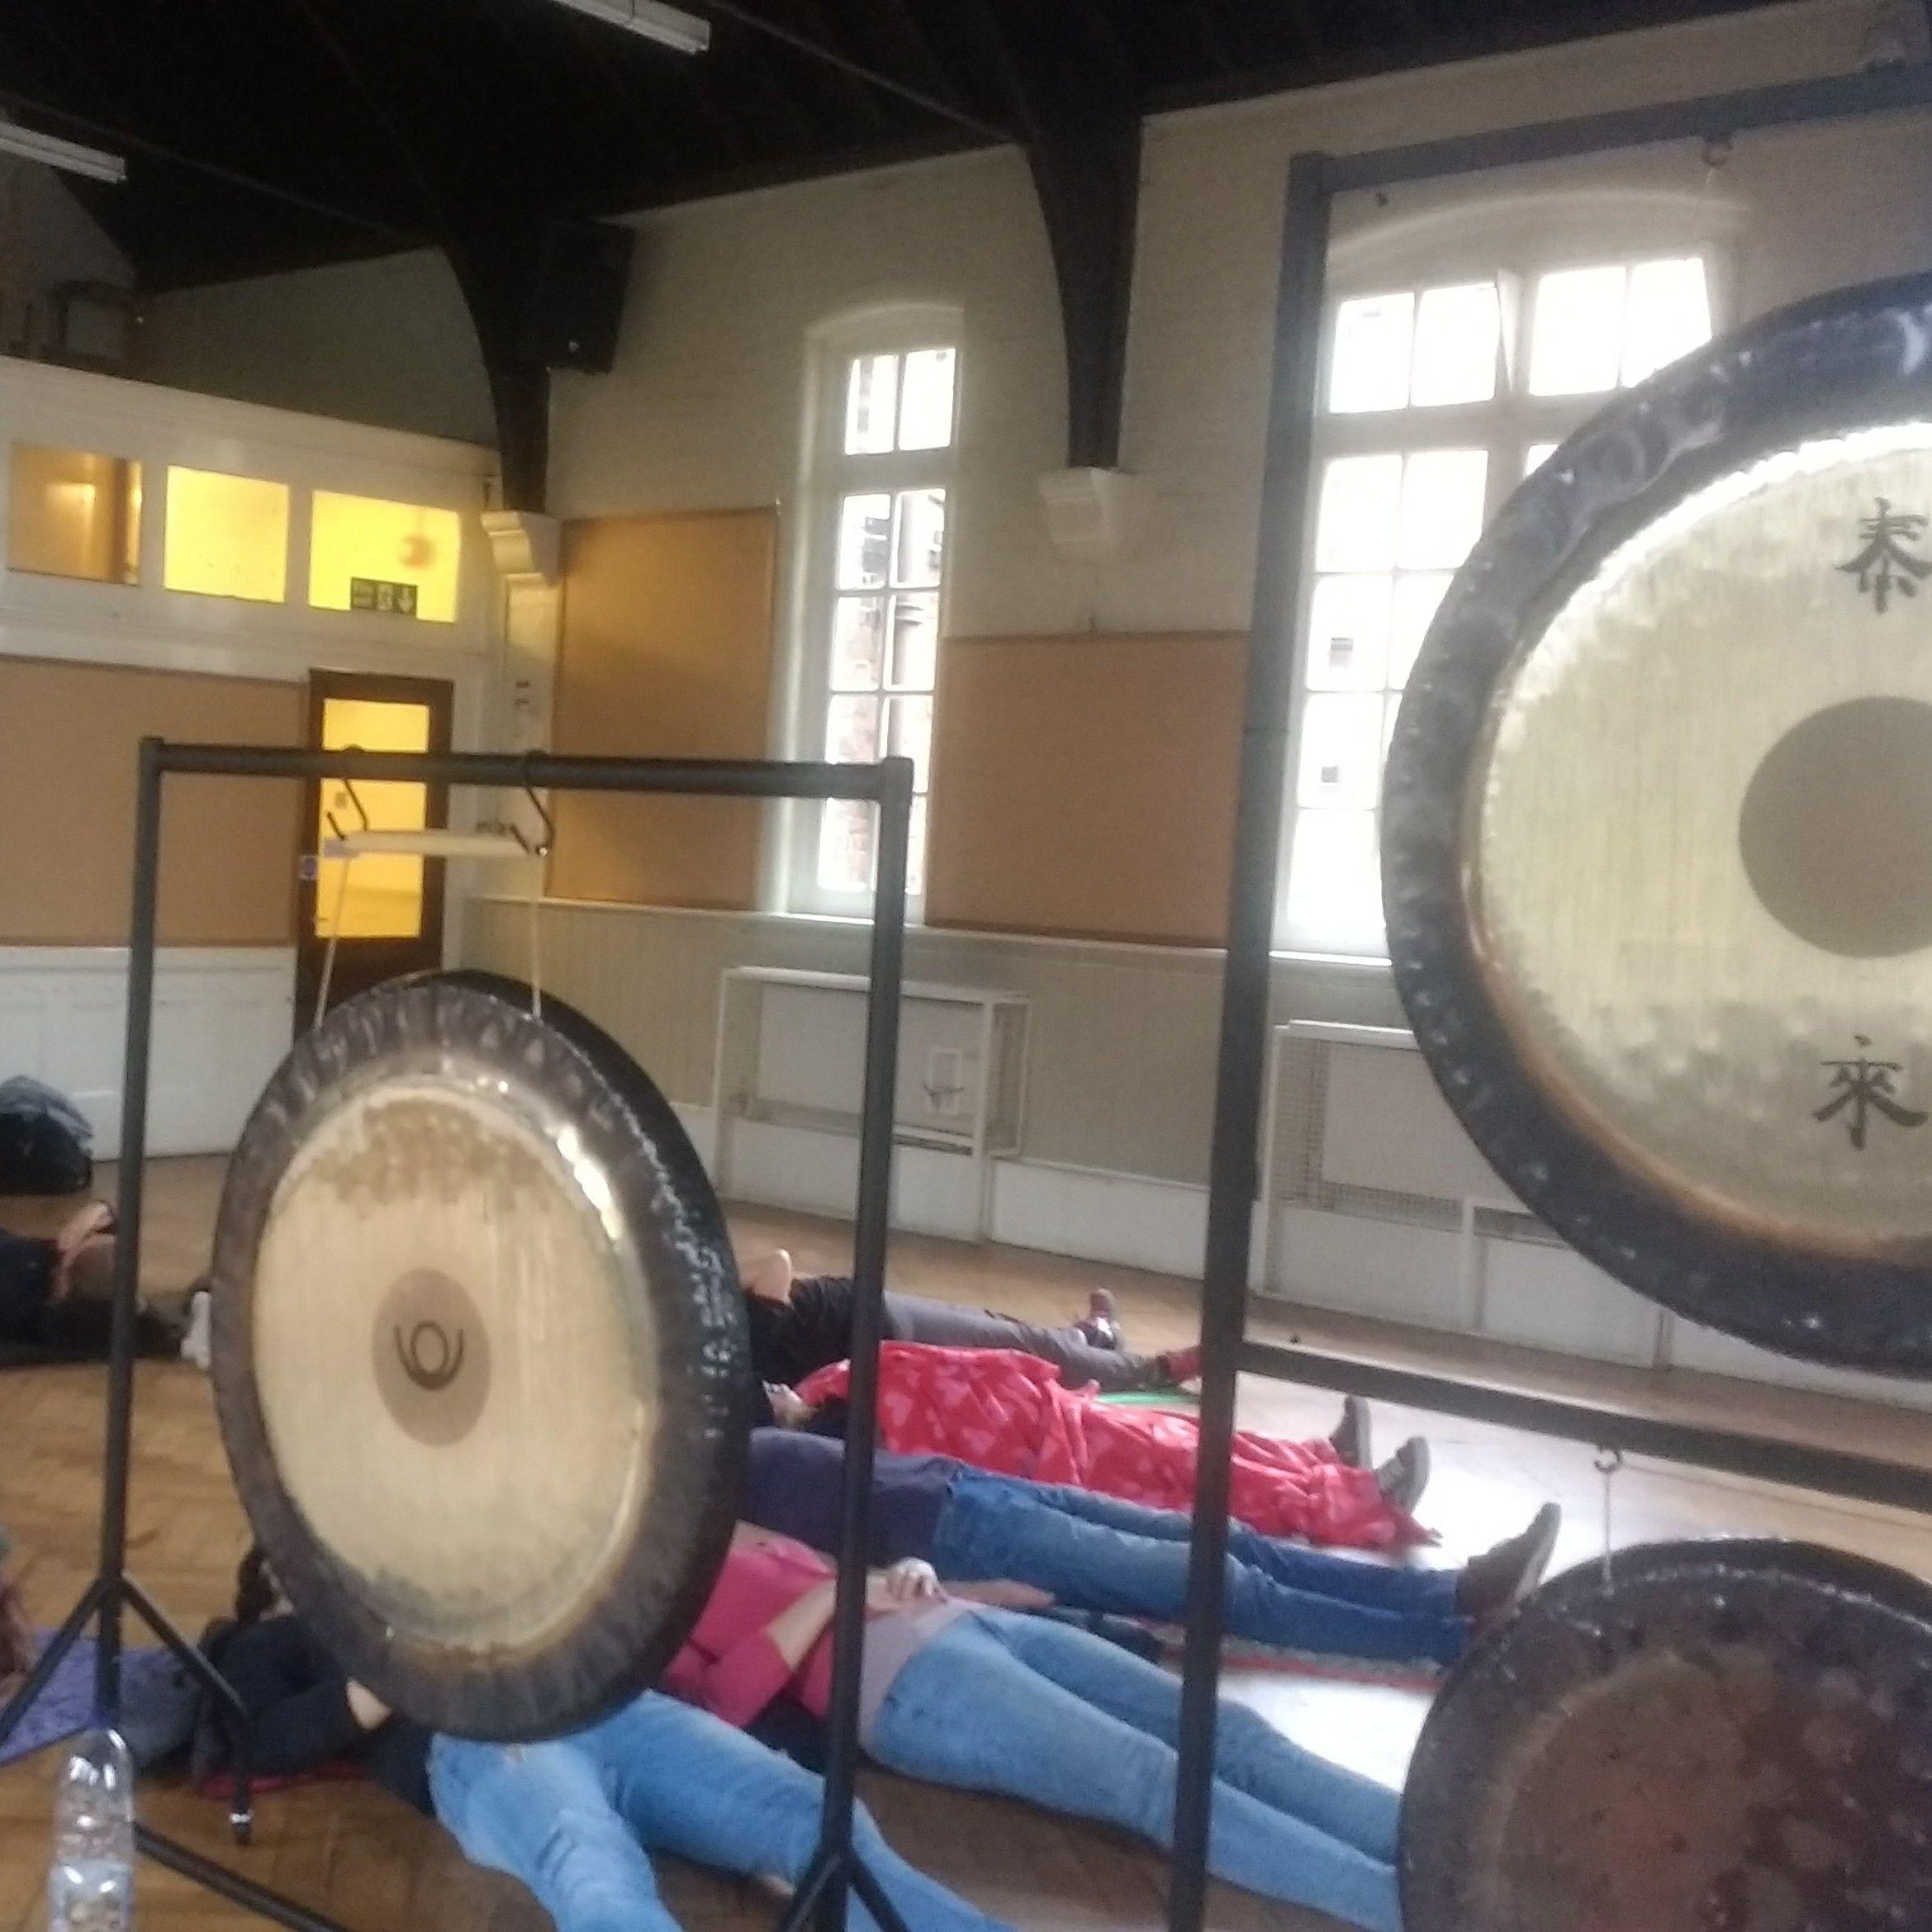 London Gong - Gong Bath & Sound Bath Meditation